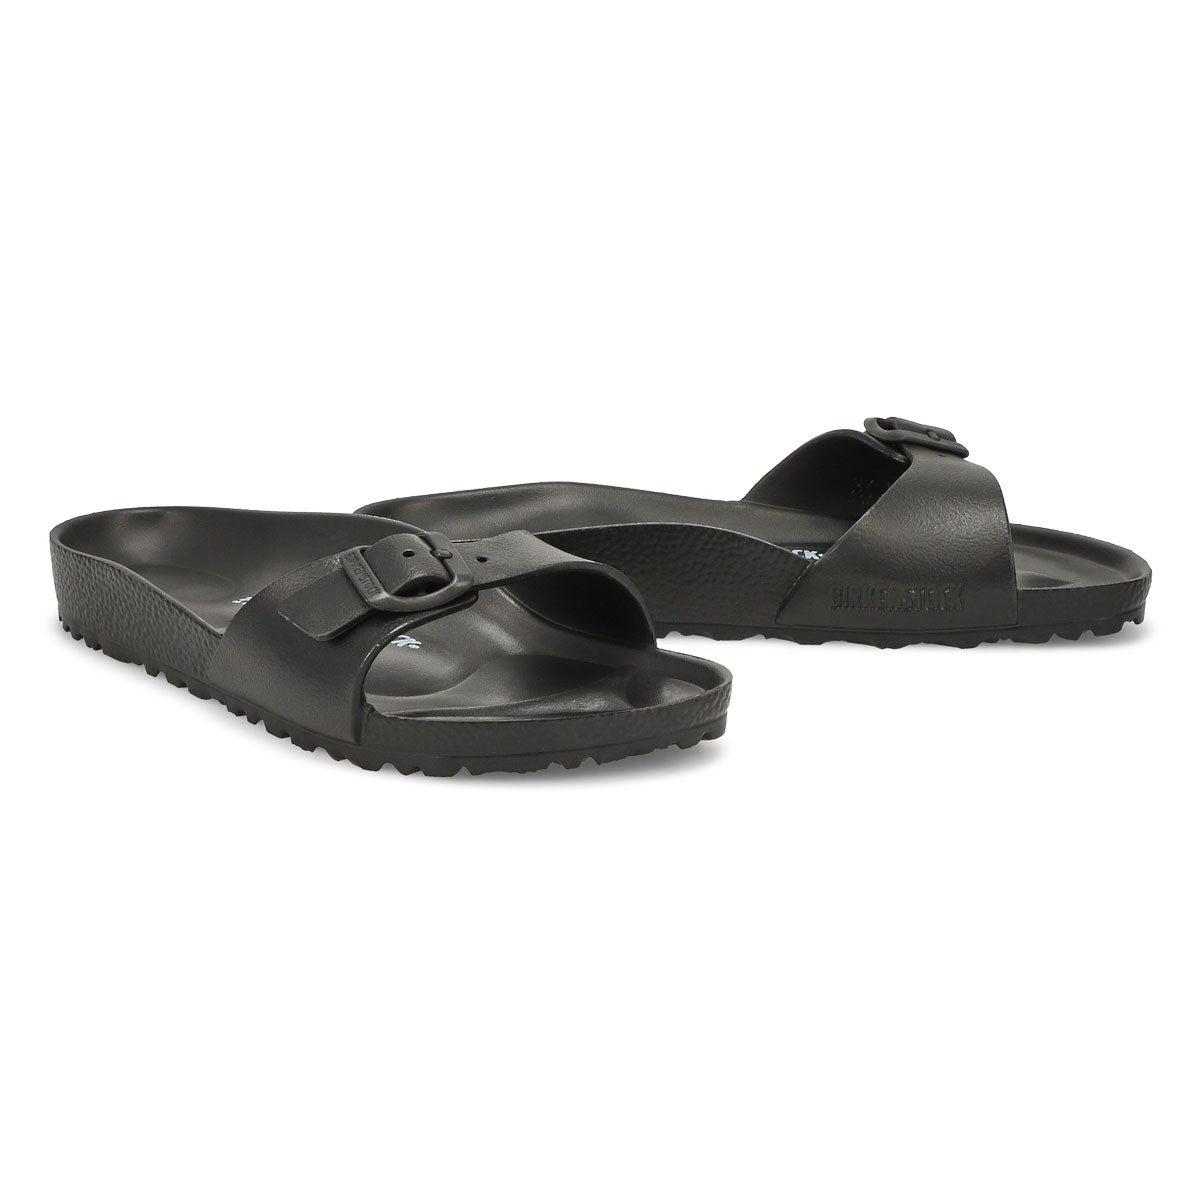 Lds Madrid blk EVA slide sandal - Narrow